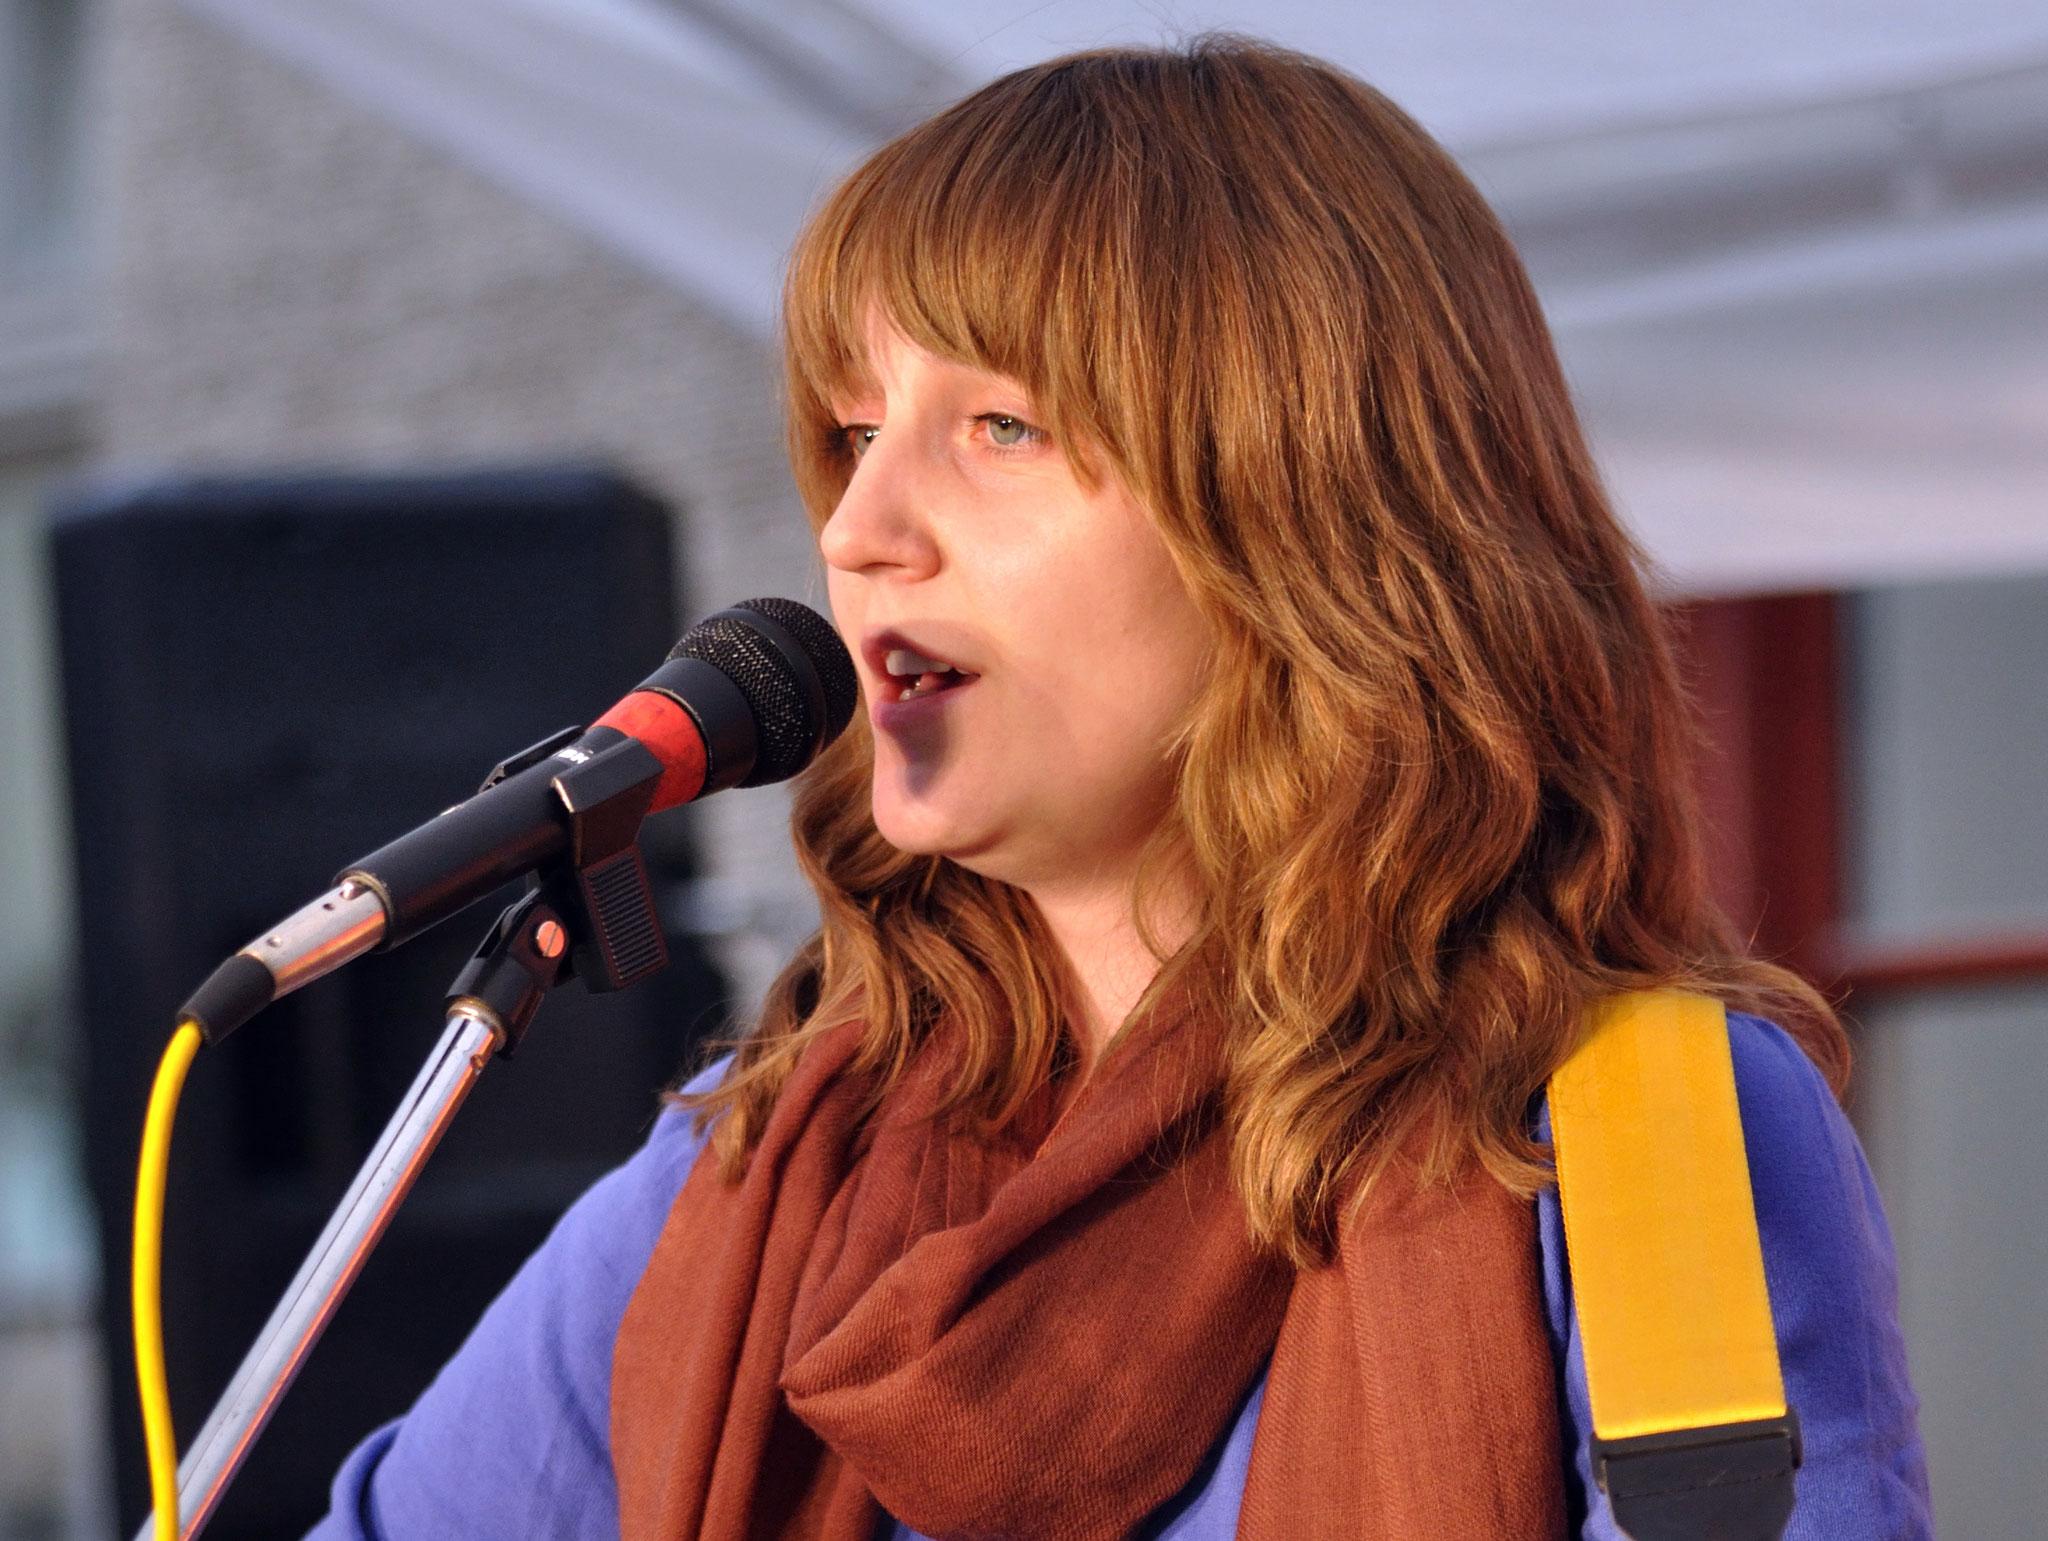 Konzerte im Bürgerhof 14.07.11 Alexandra Gaevskaya - Freiwilligen-Zentrum Augsburg - Foto: Martin Schönberger